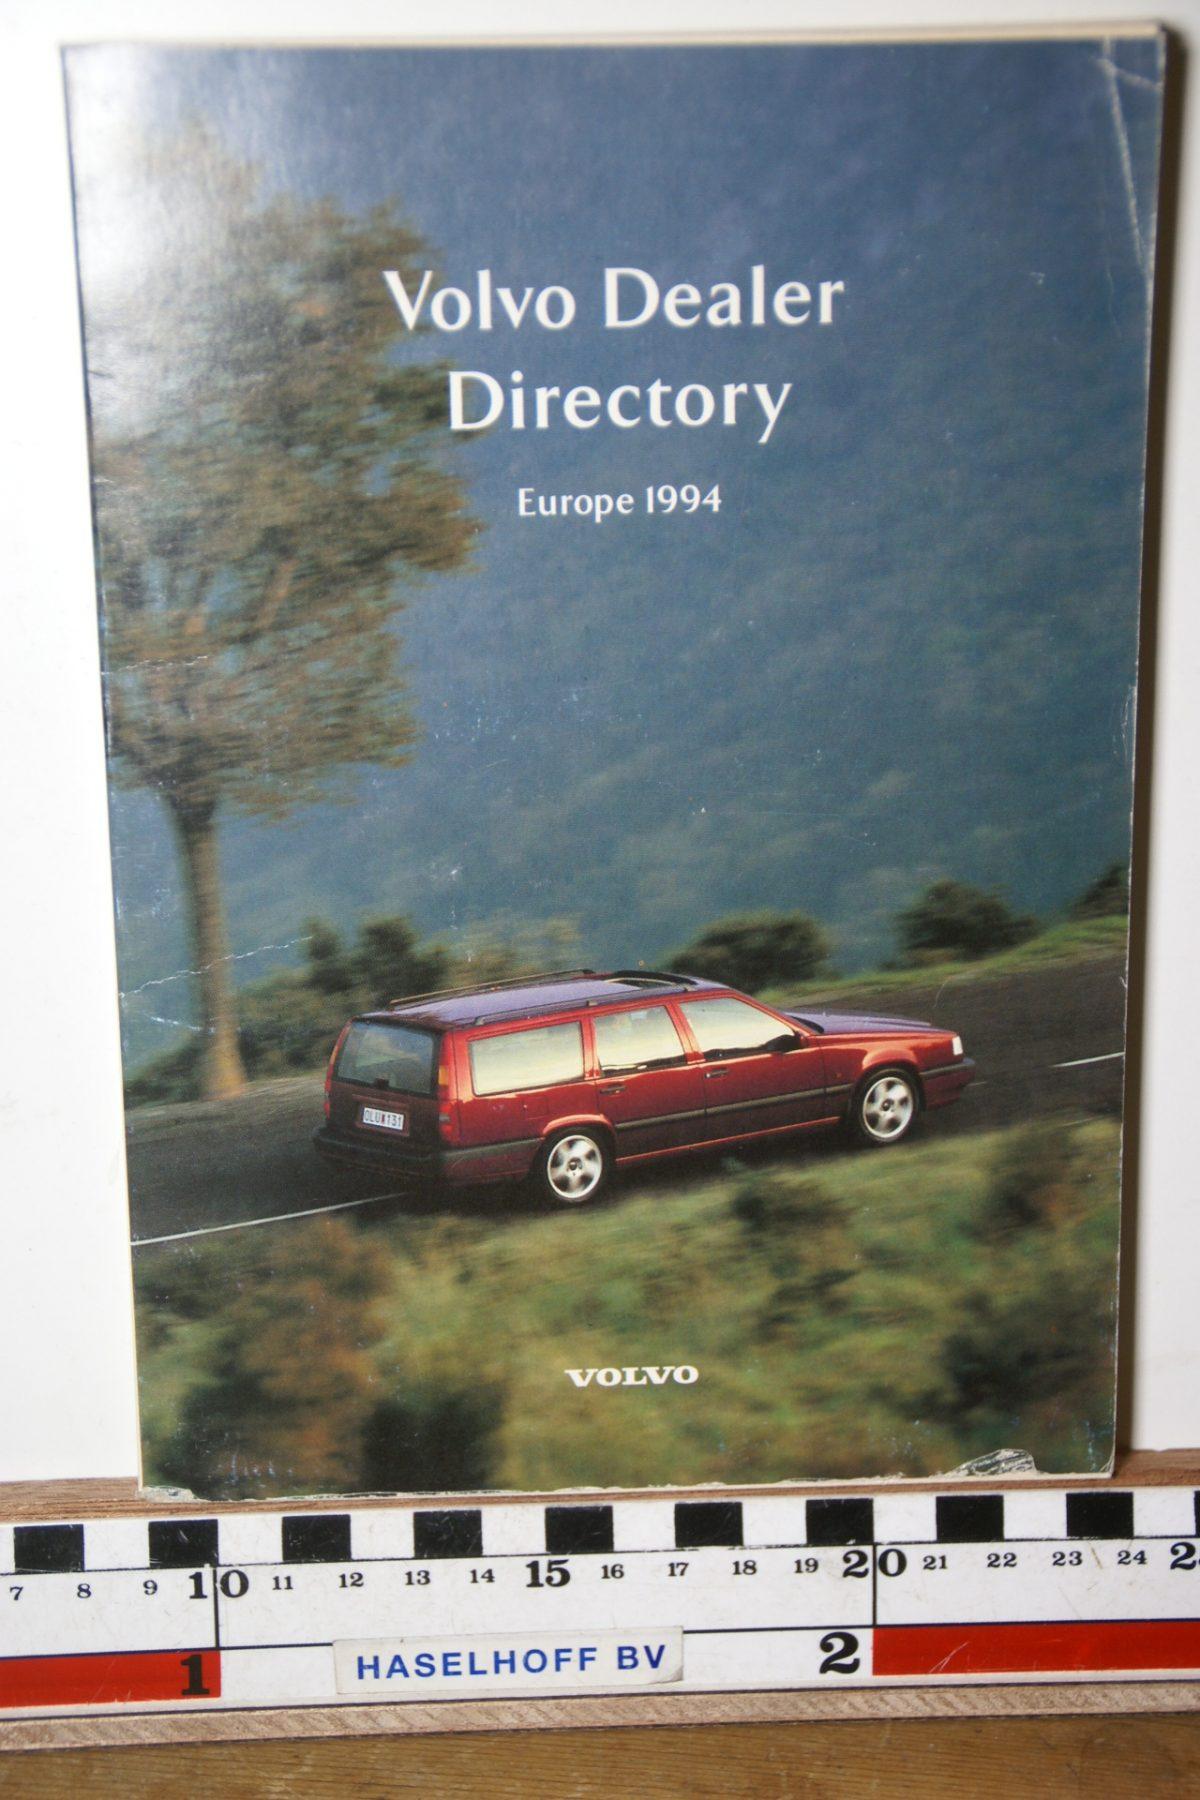 DSC02489 1994 boekje Volvo dealers in Europa MSPV527-6500